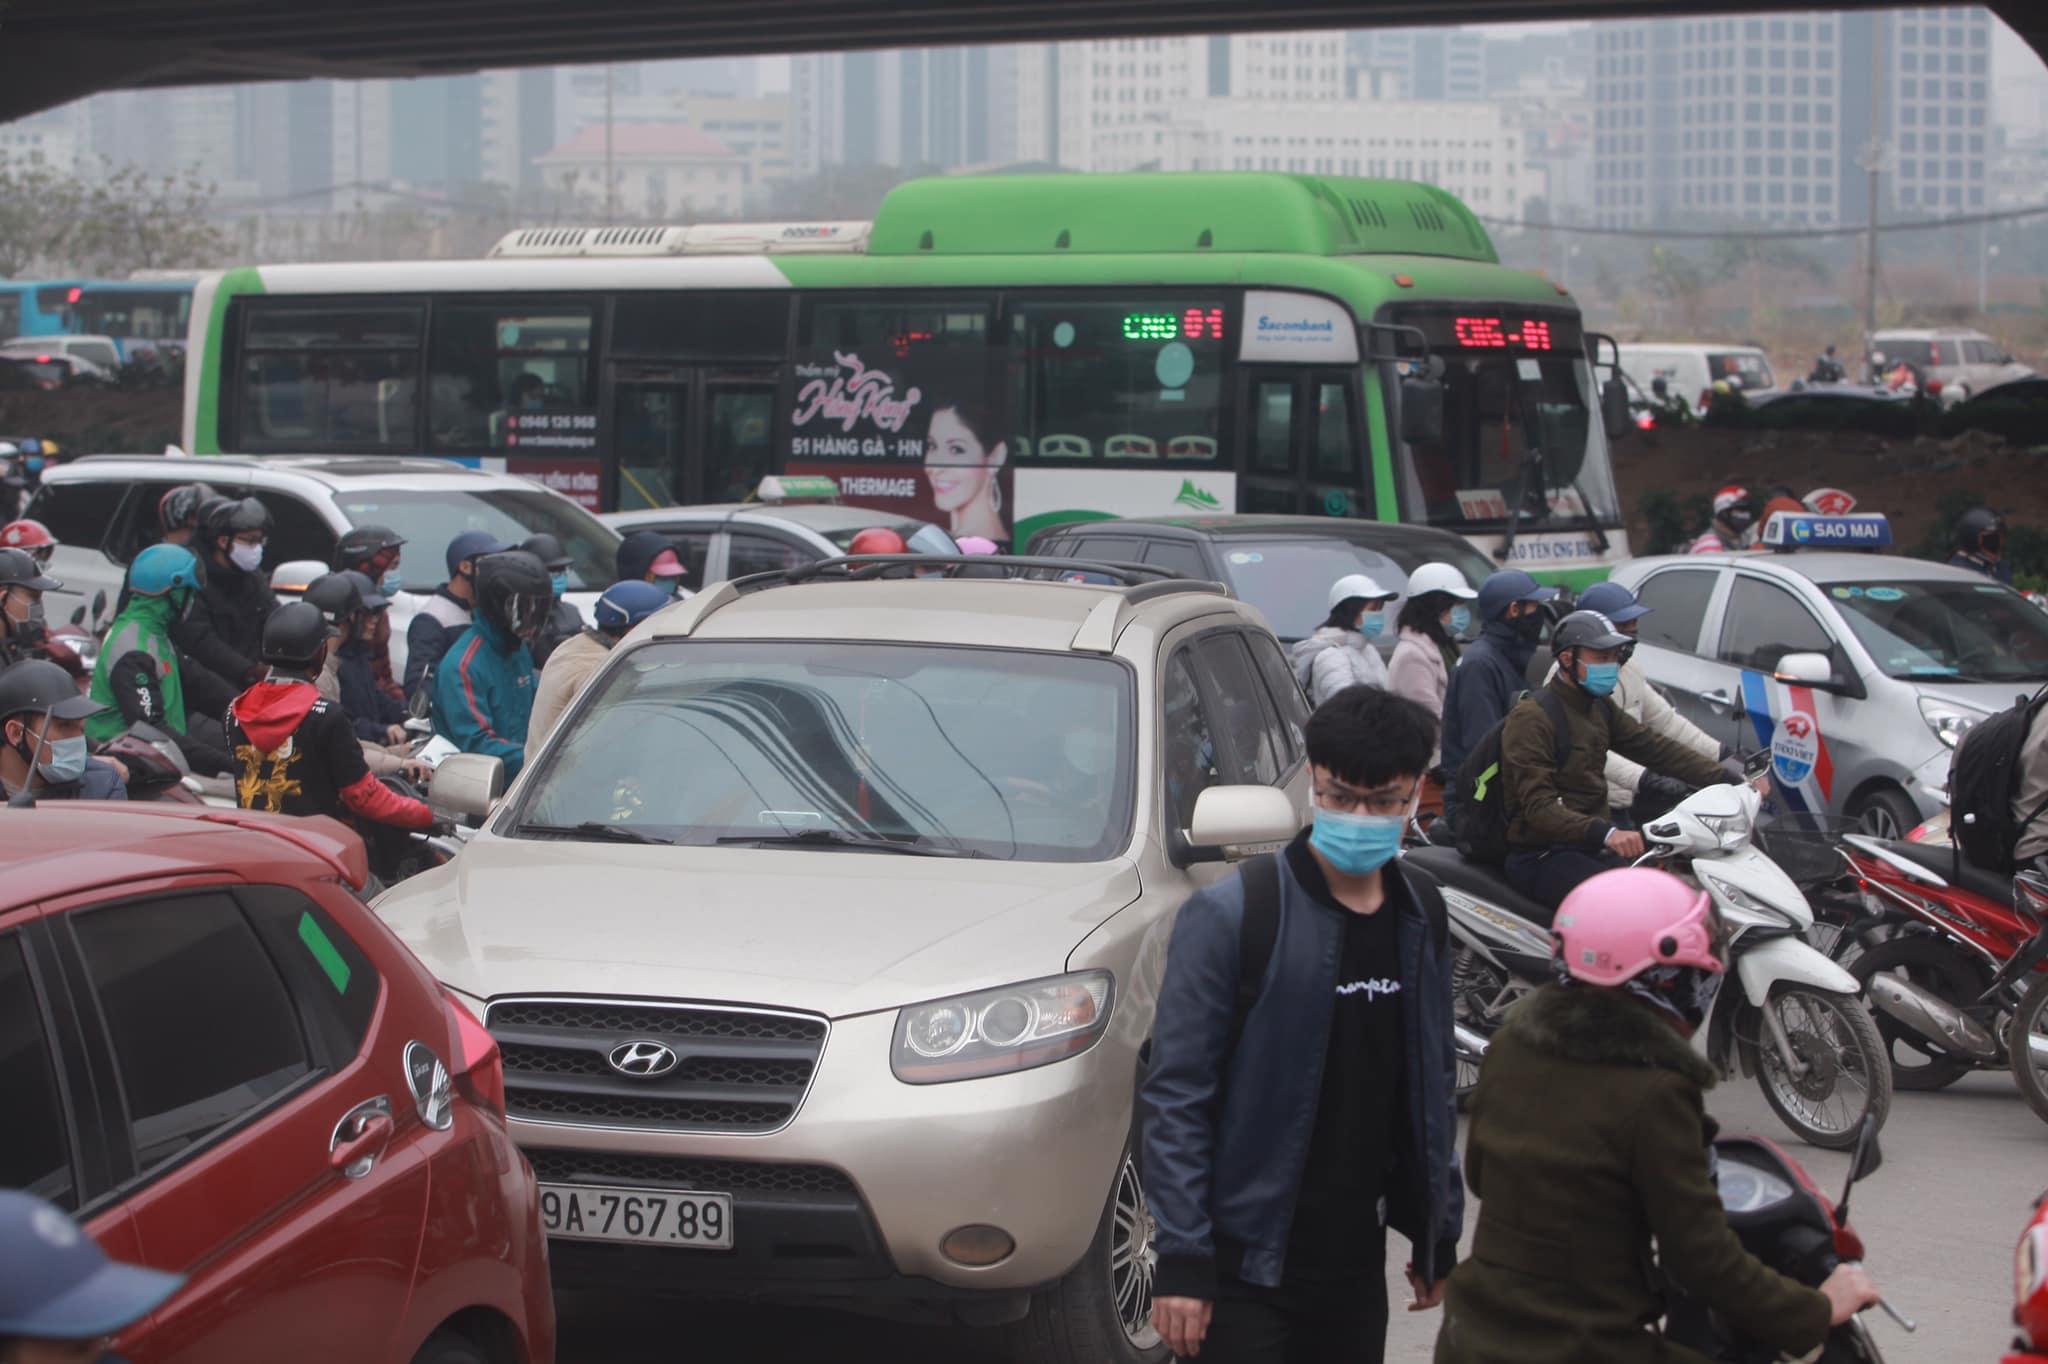 Hà Nội ùn tắc kinh hoàng trên đường Phạm Hùng - 6